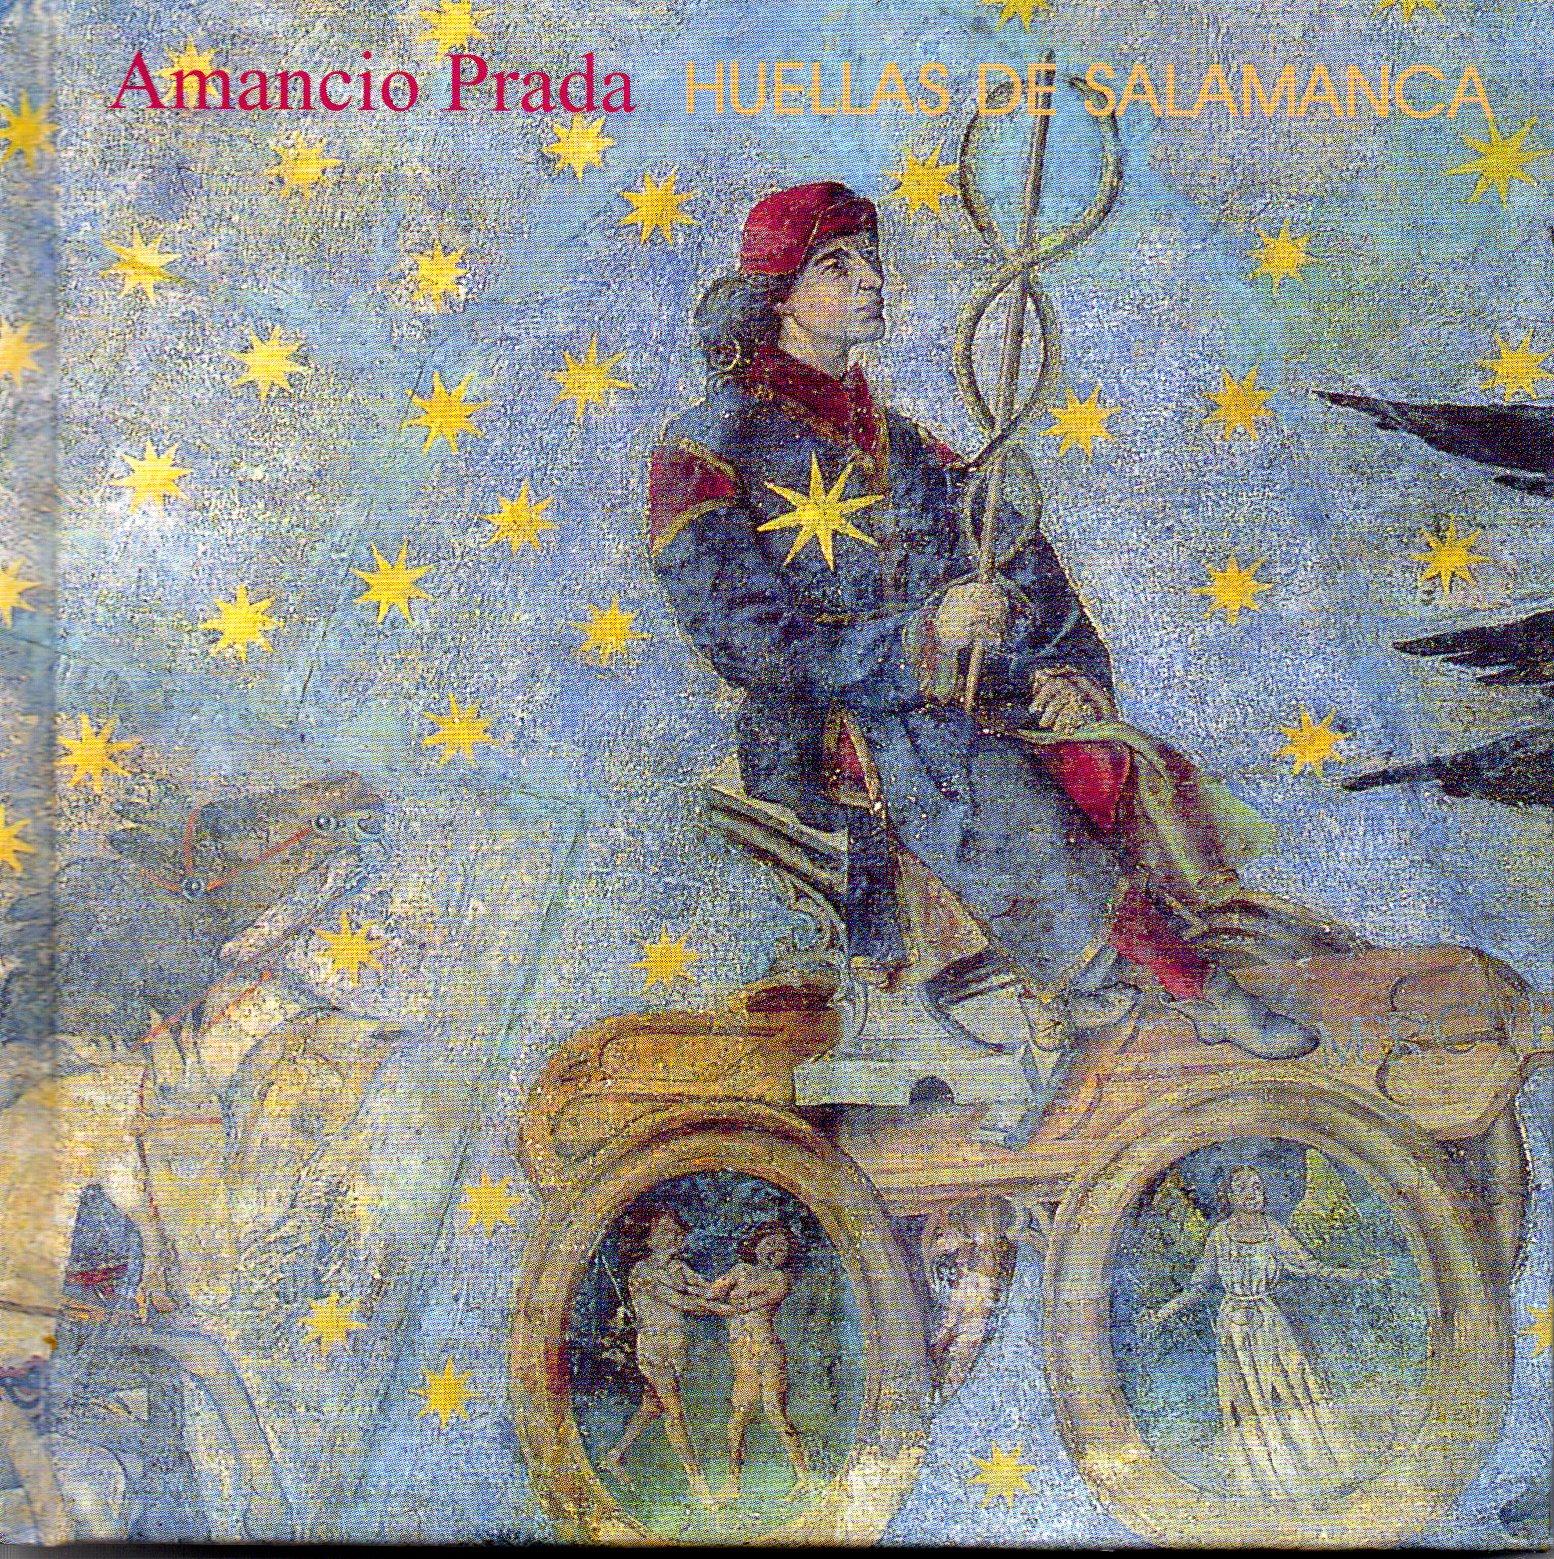 Huellas de Salamanca (2005)